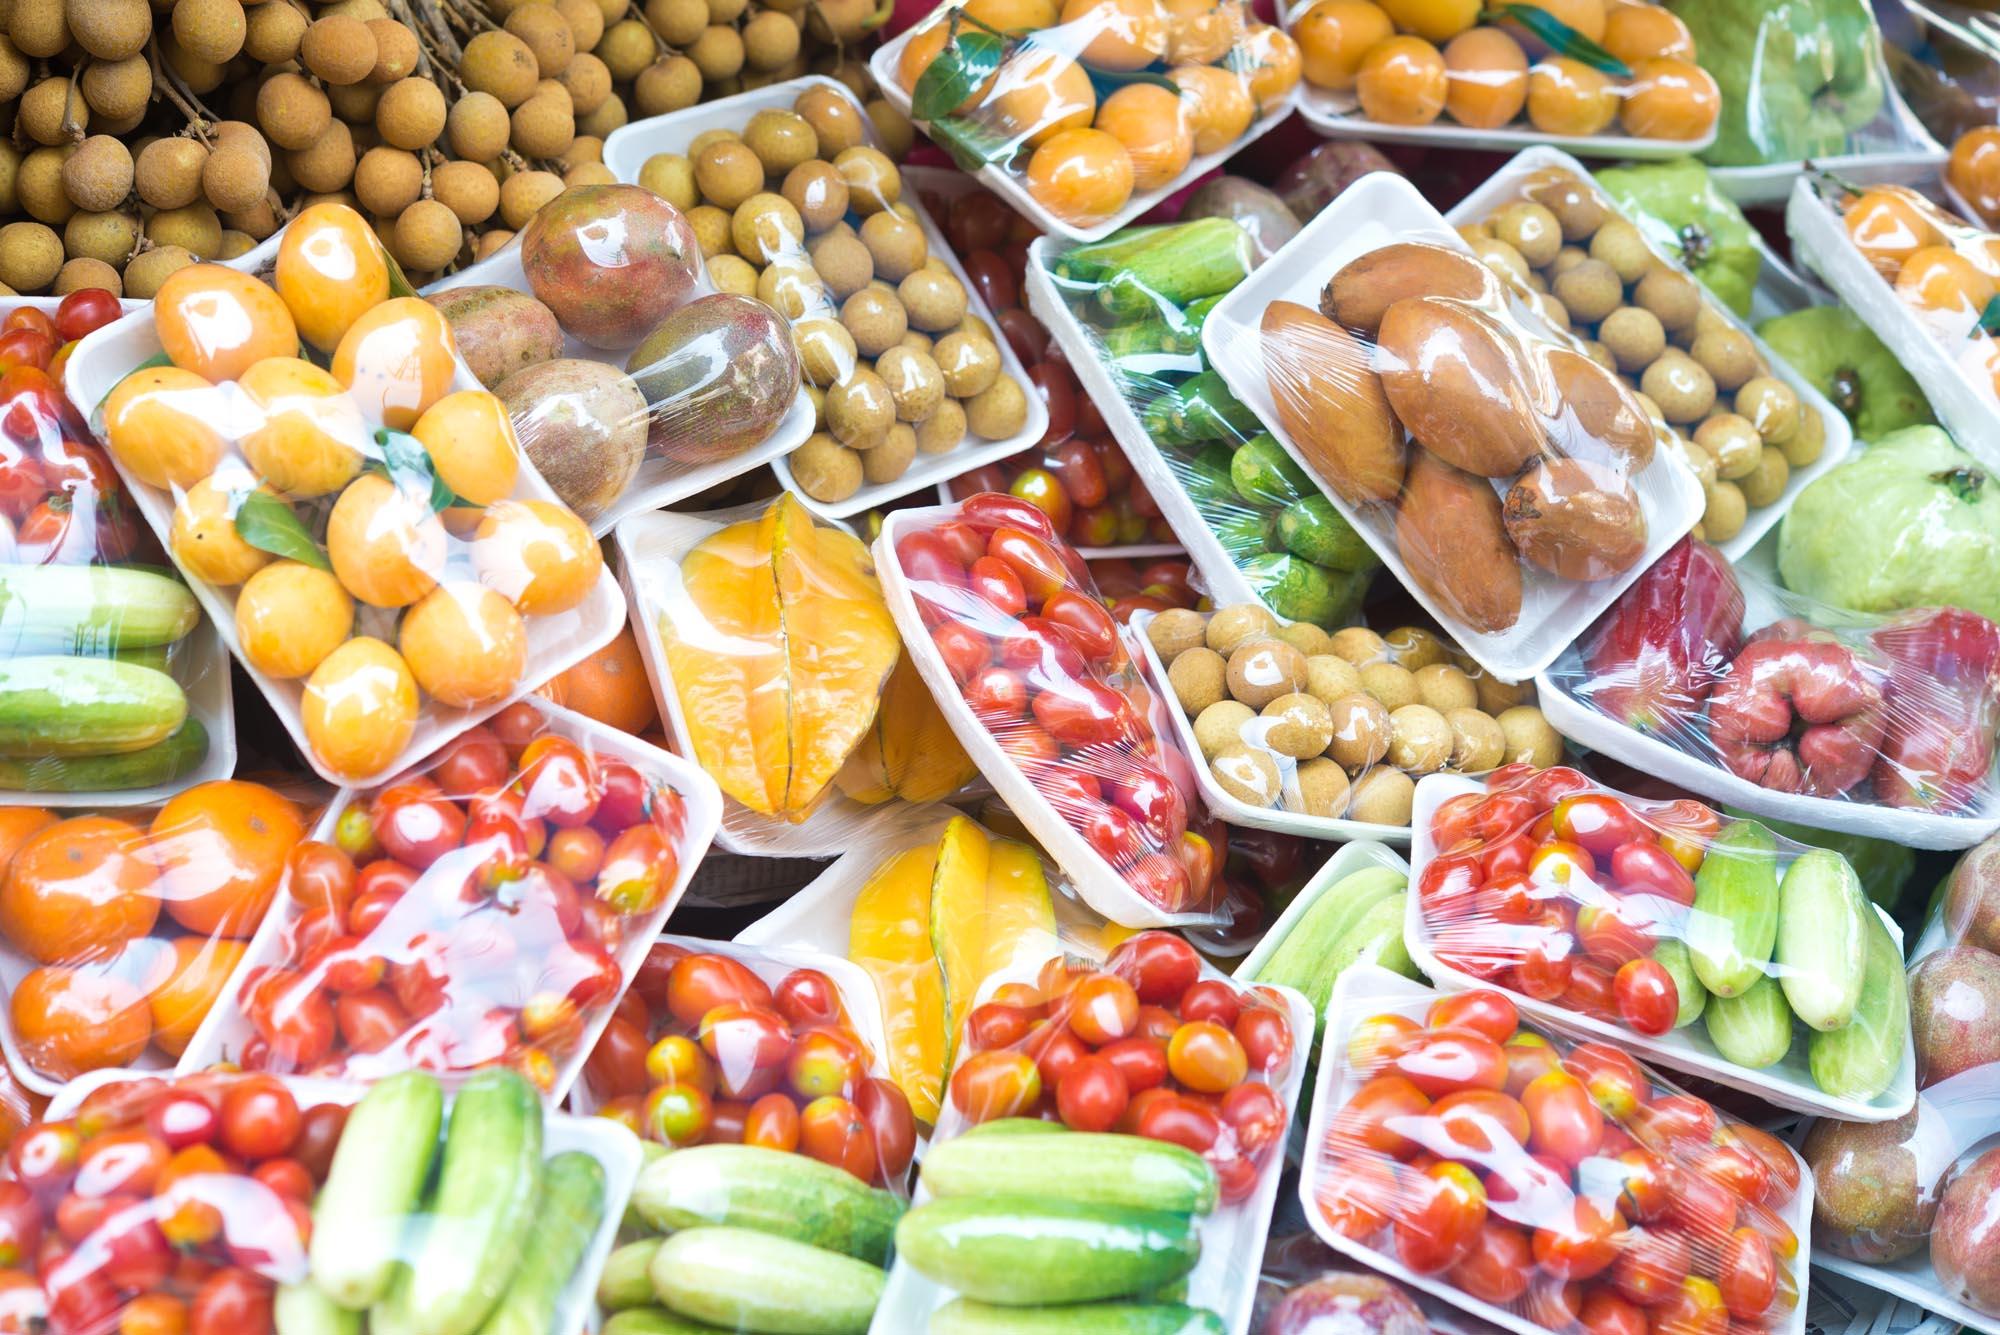 Académica de nutrición presentó investigación sobre manejo ambiental de residuos y embalajes de alimentos